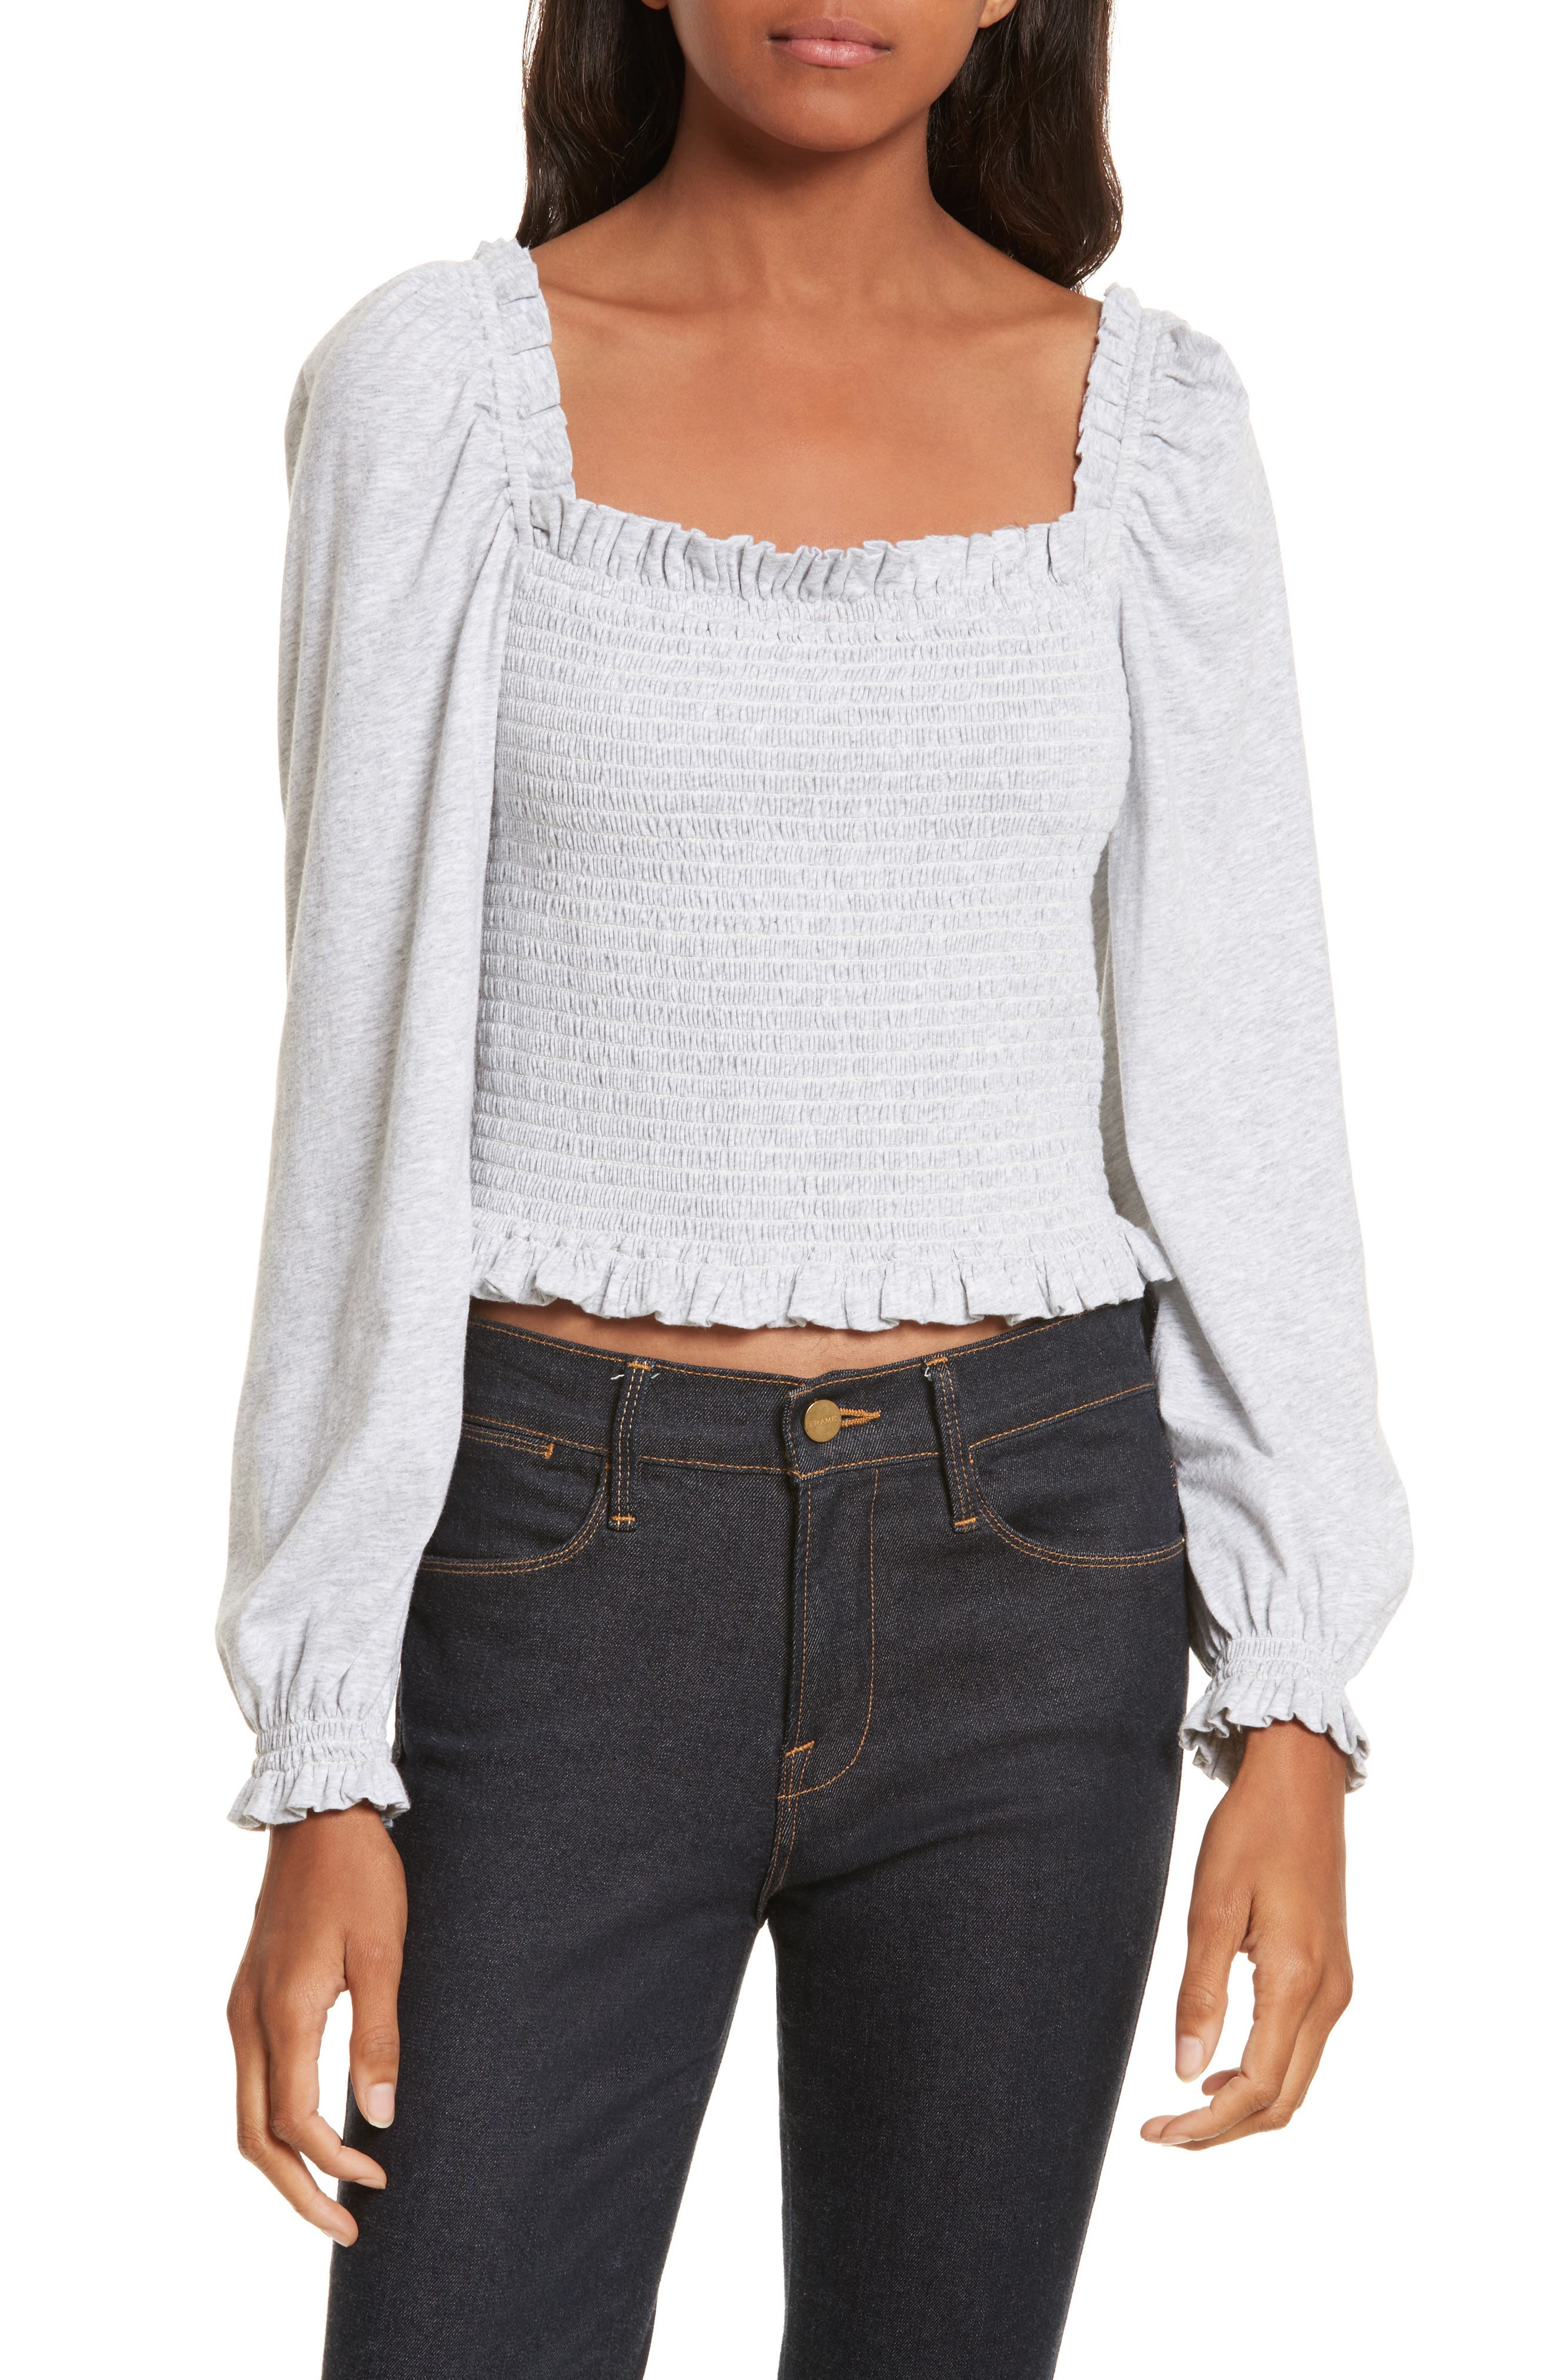 Main Image - La Vie Rebecca Taylor Smocked Crop Jersey Top